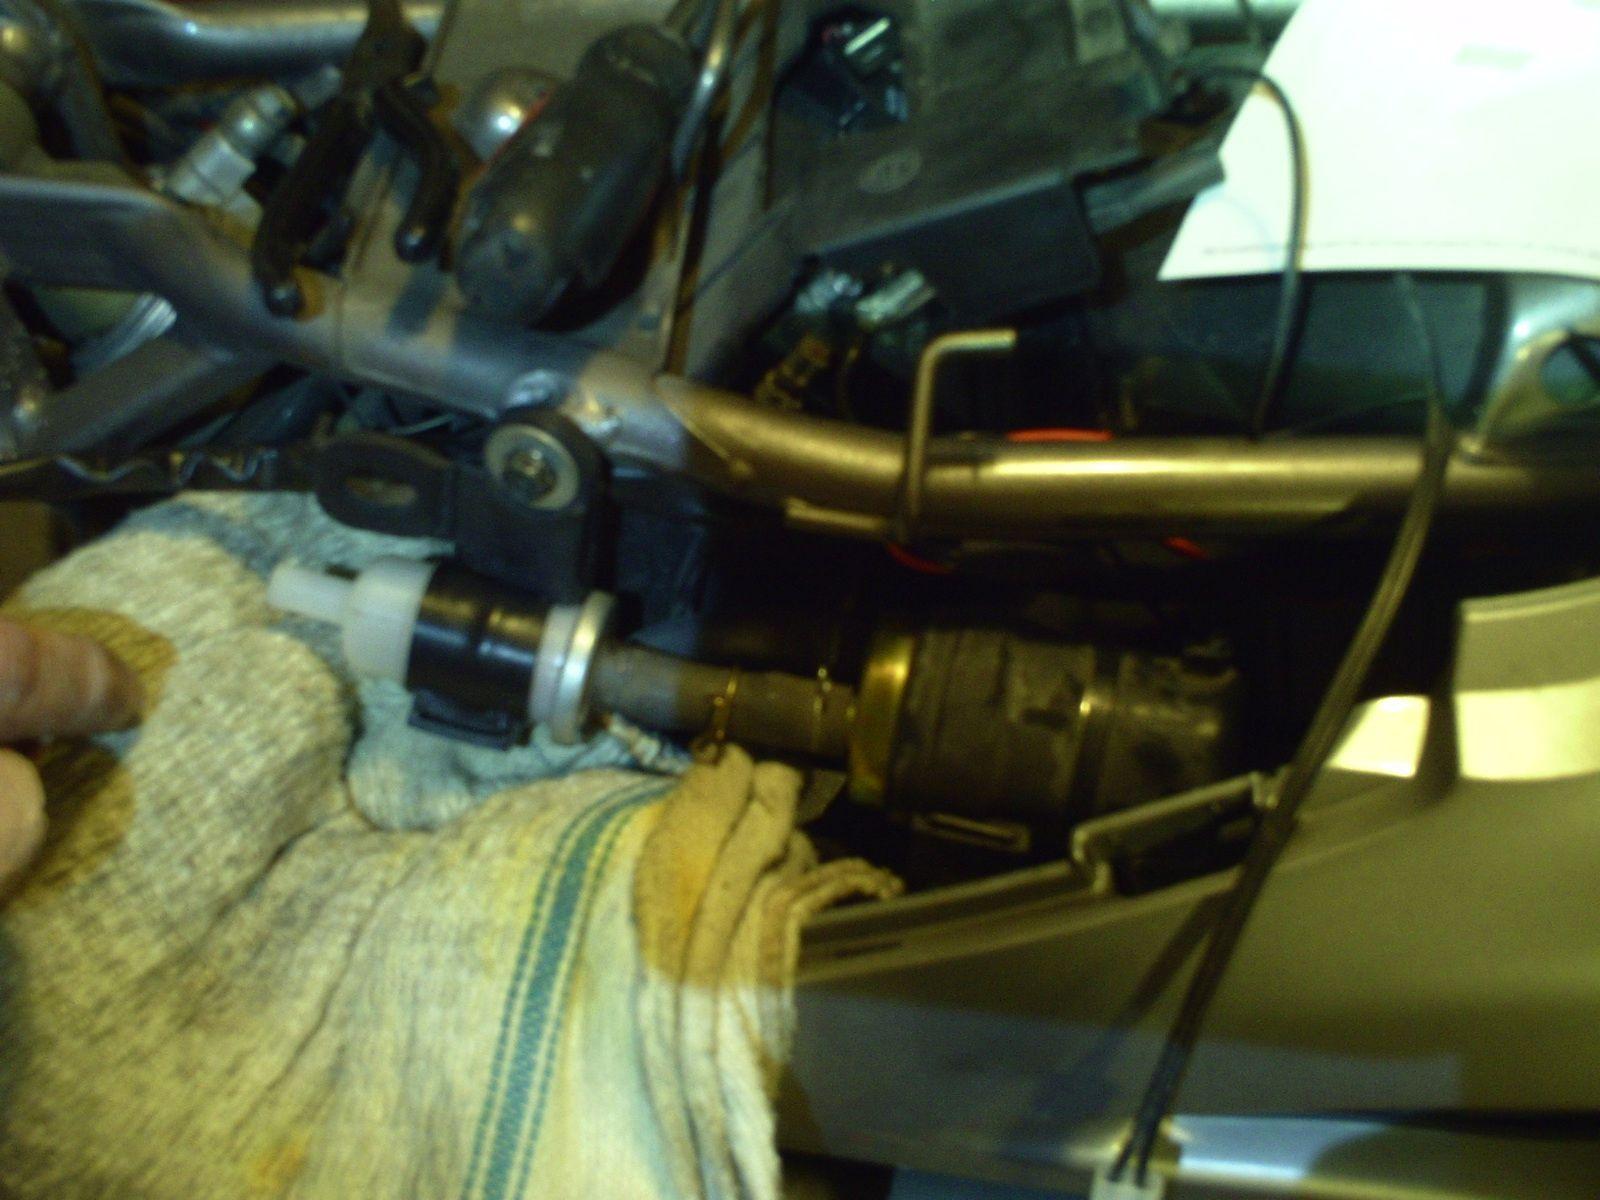 Deauville 650 - Changer le filtre à essence